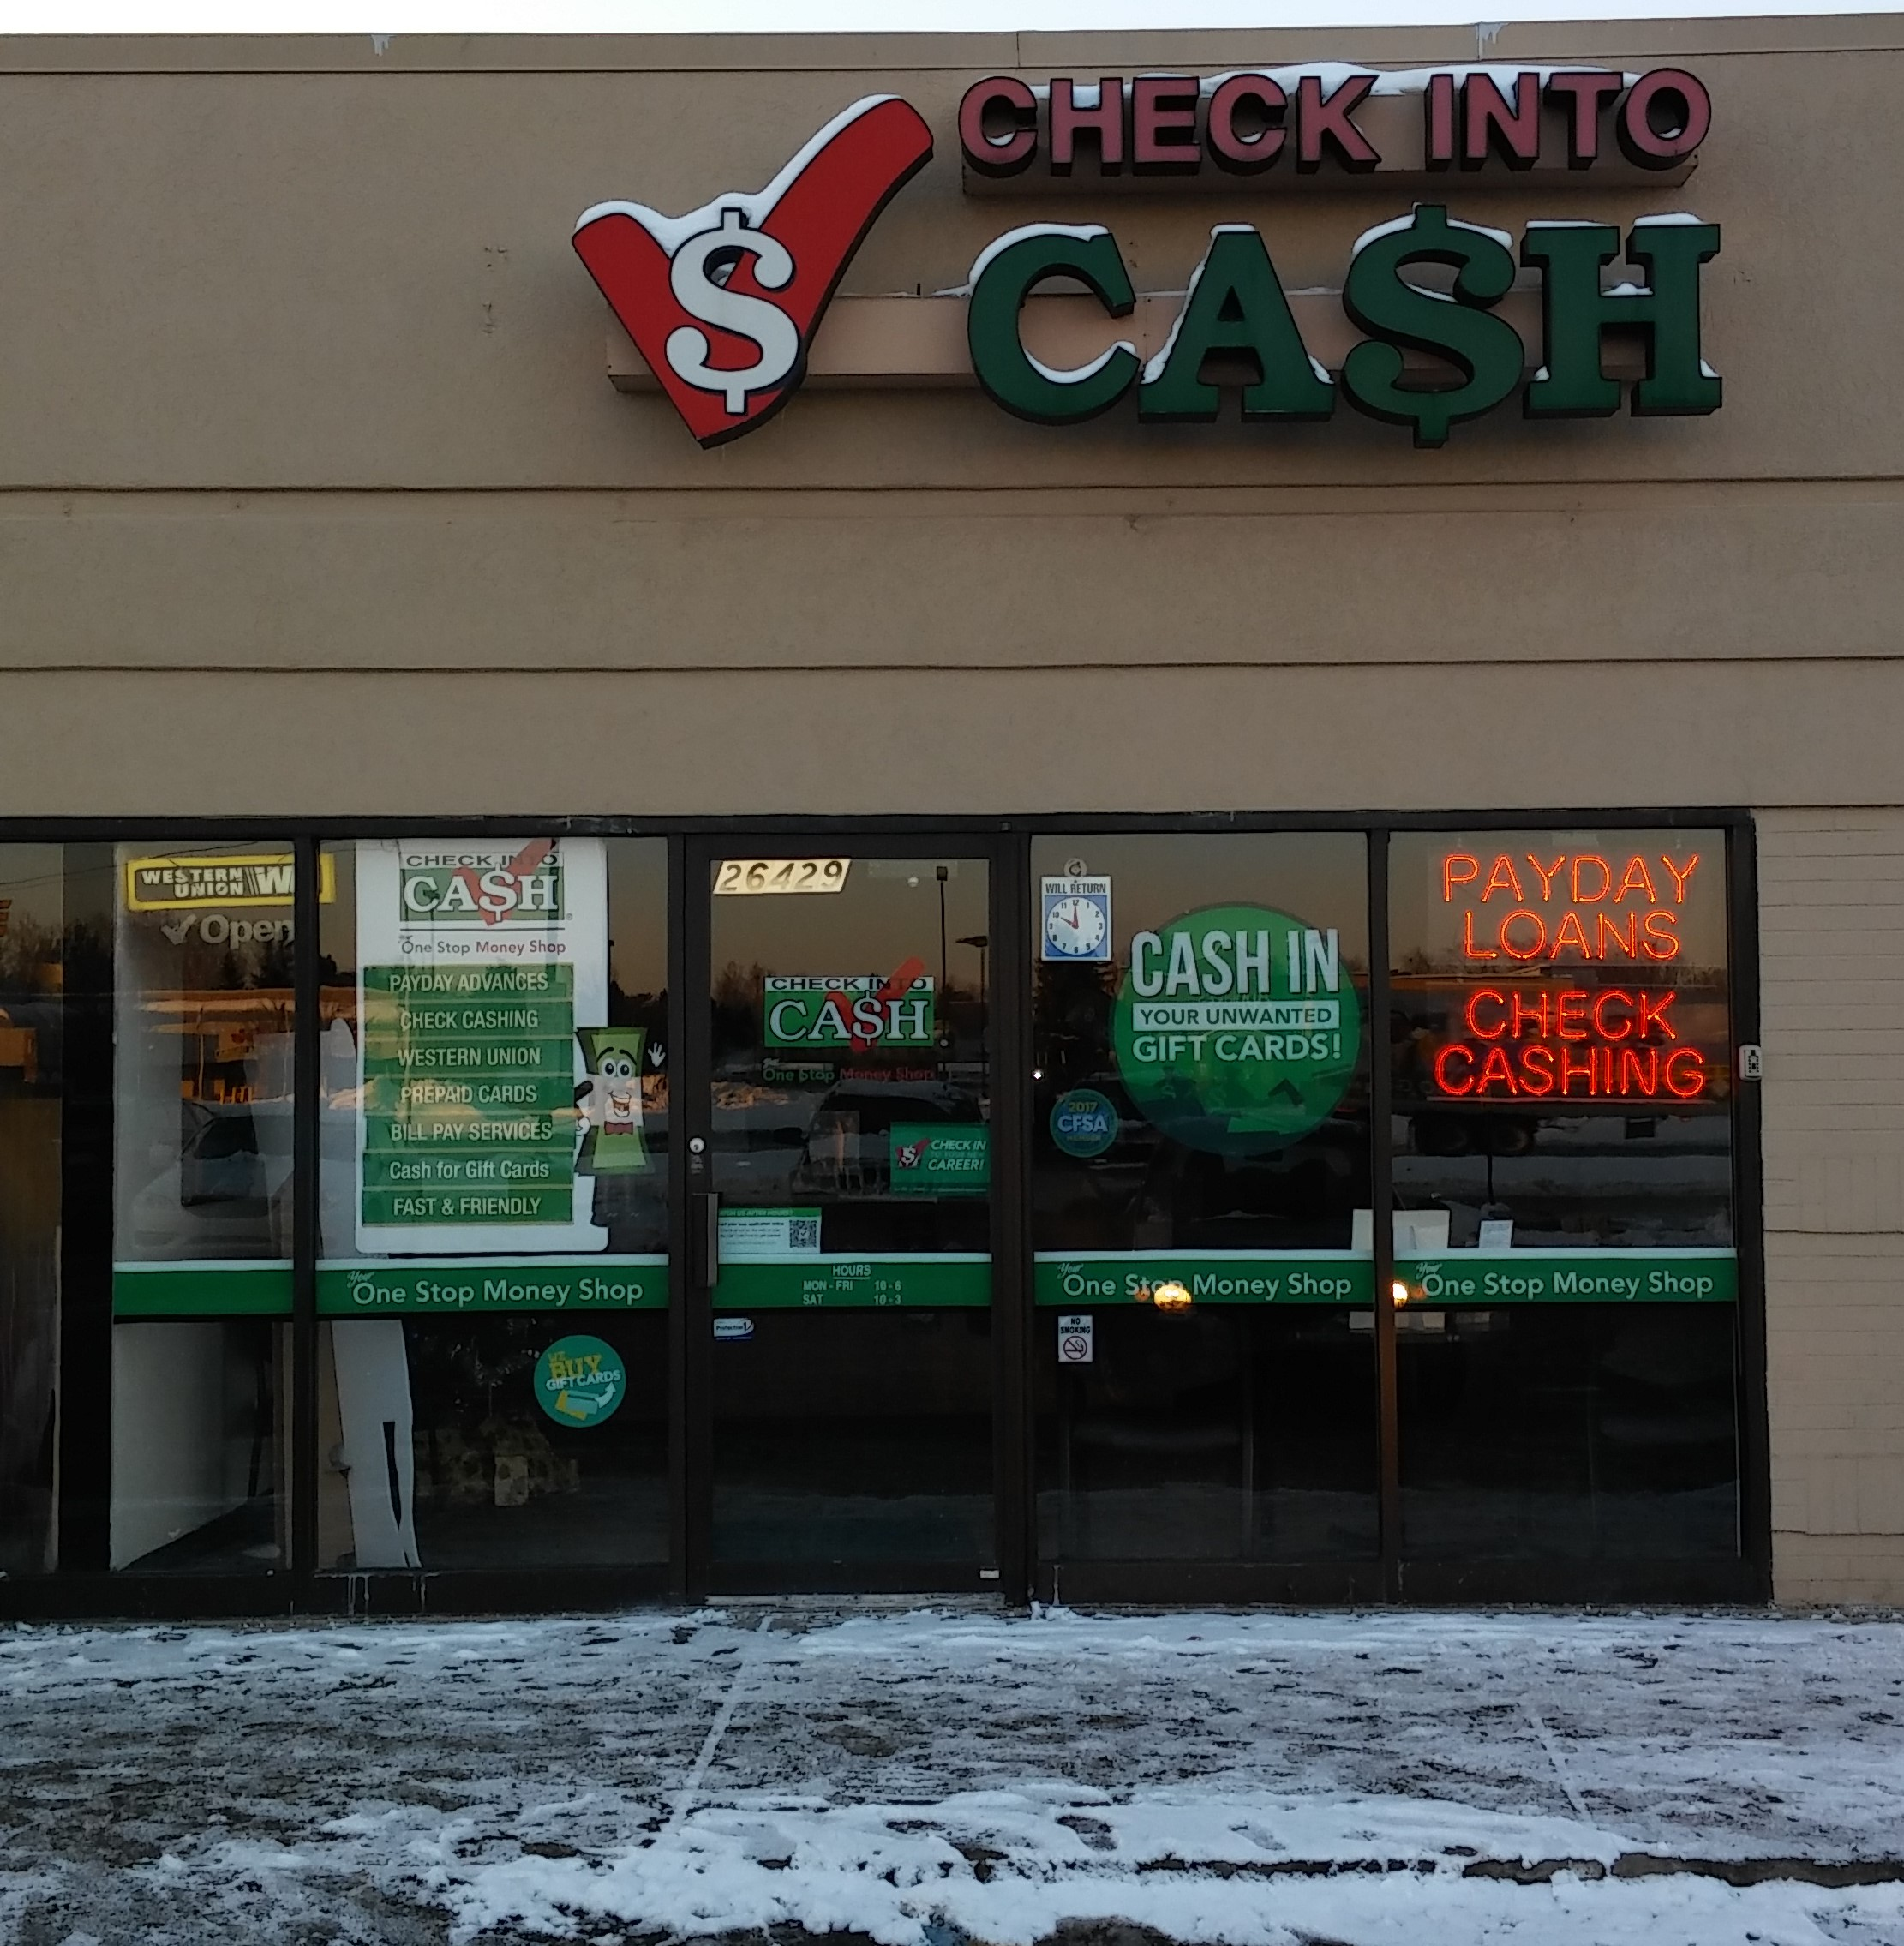 Cash advance loans atlanta ga image 8